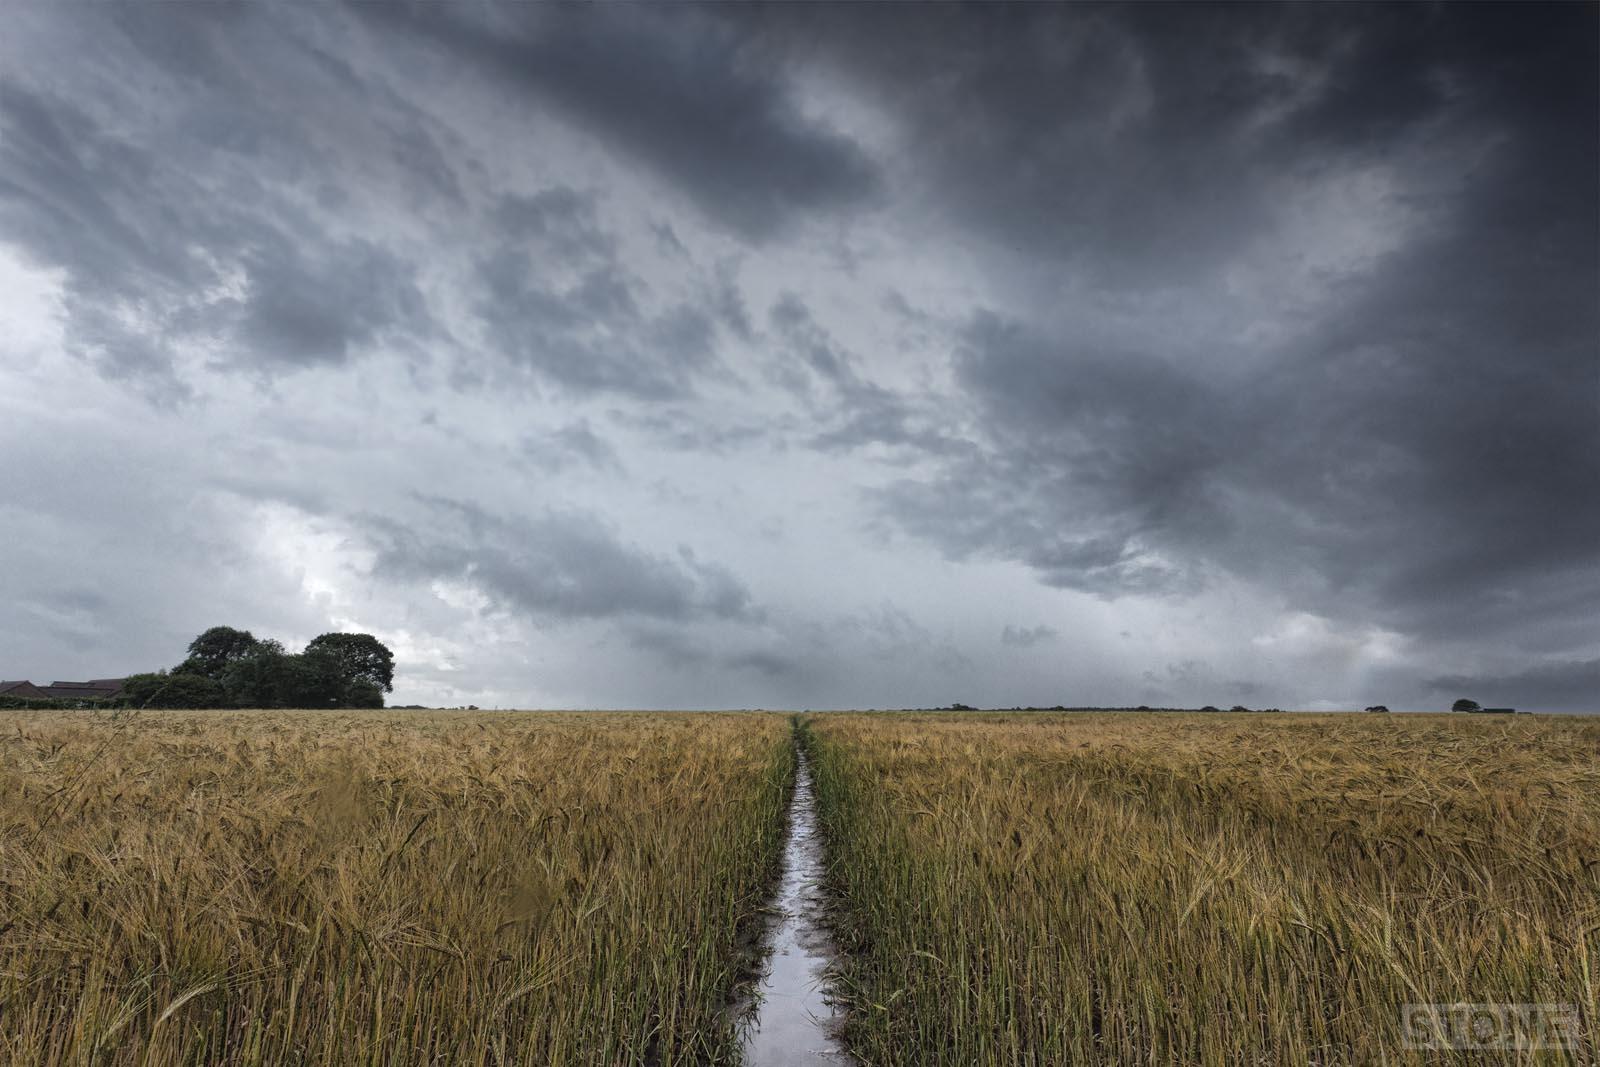 Walsham © Nick Stone 2014